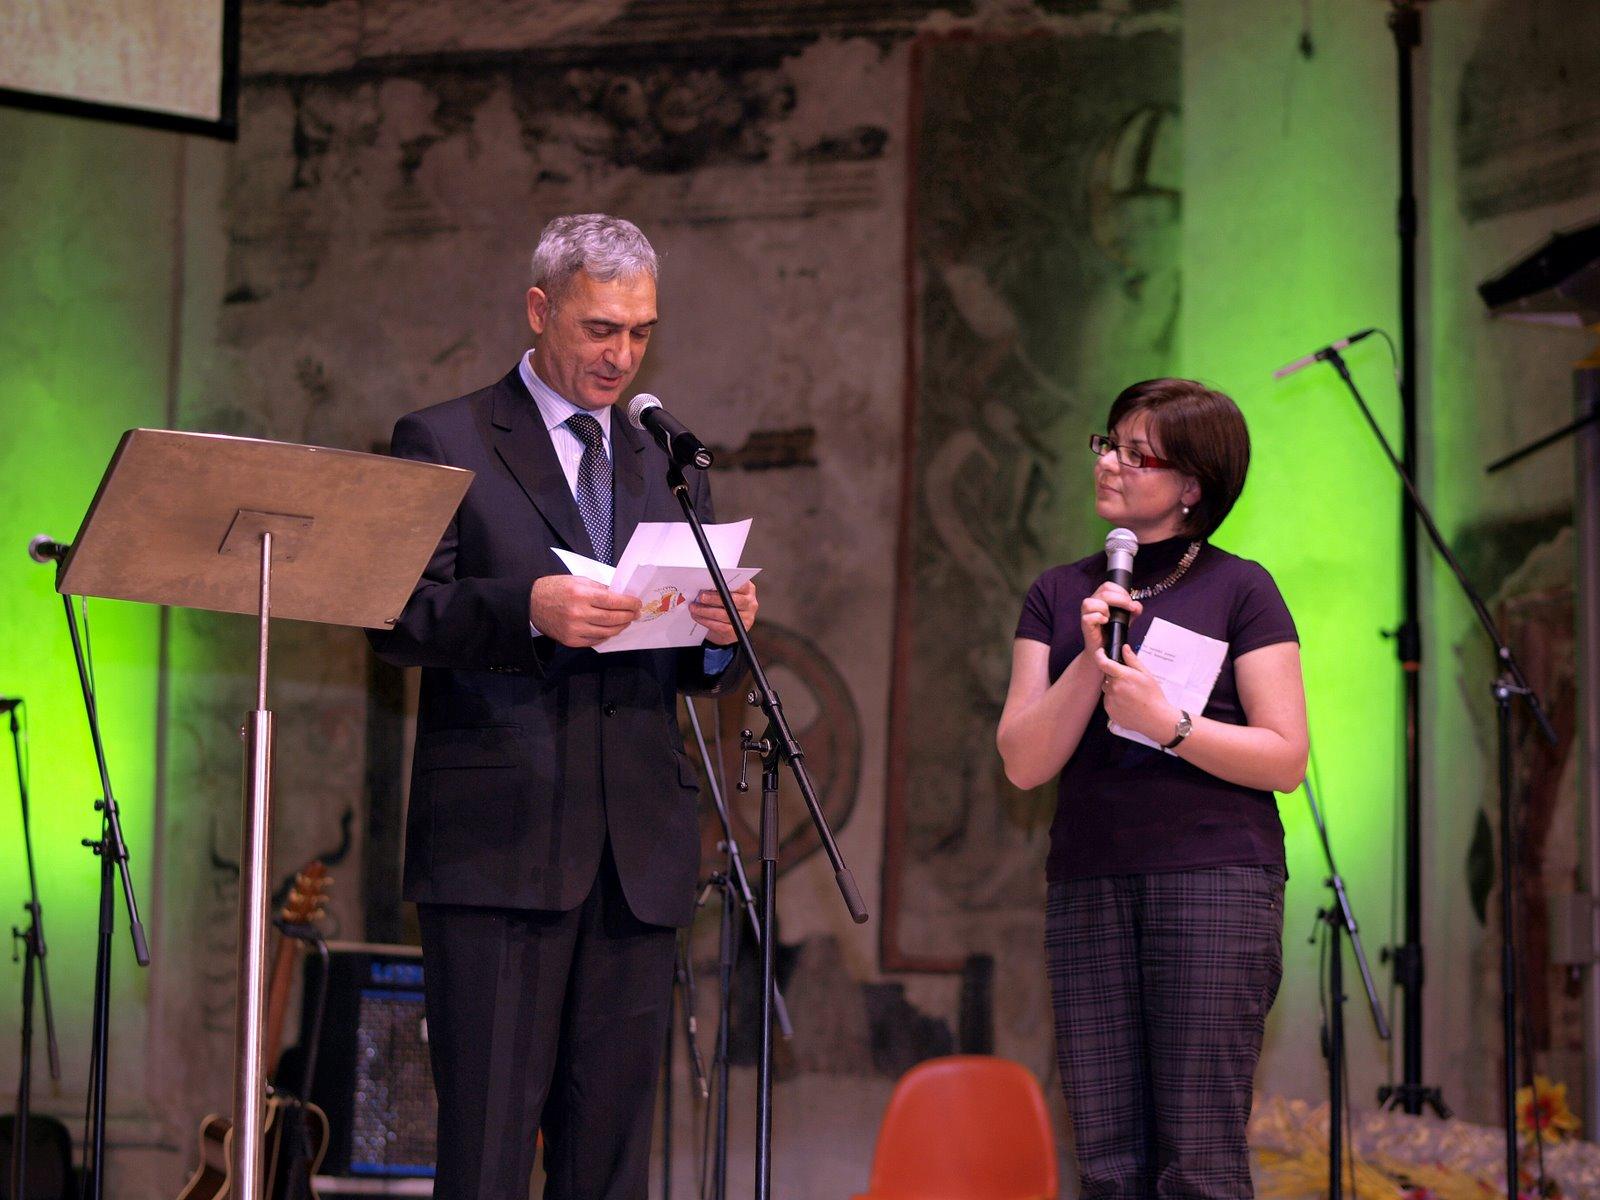 Porotce Andrej Mirga, poradce pro záležitosti Romů a Sintů při OBSE, předal cenu v kategorii Společnost/Firma/Zaměstnavatel Muzeu romské kultury. Cenu převzal zakladatel muzea Karel Holomek.